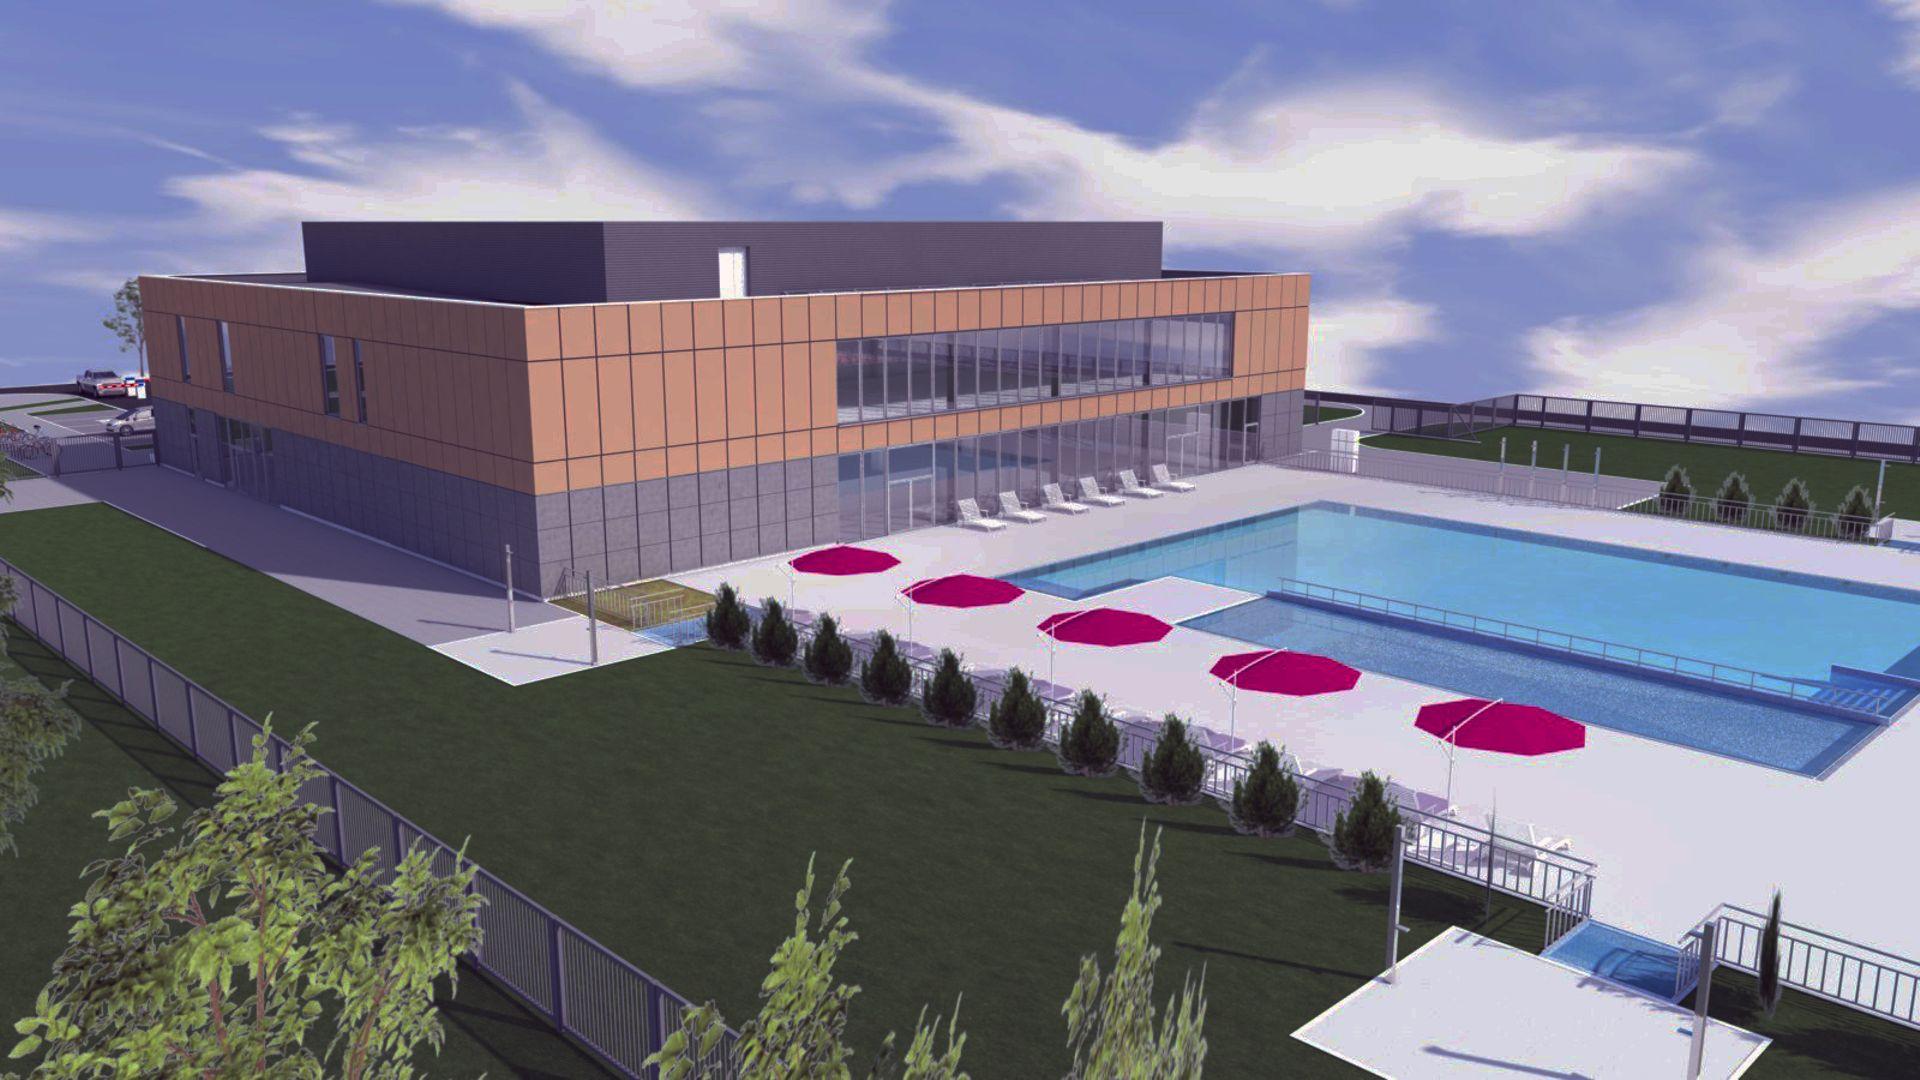 Trwa budowa nowego wrocławskiego aquaparku